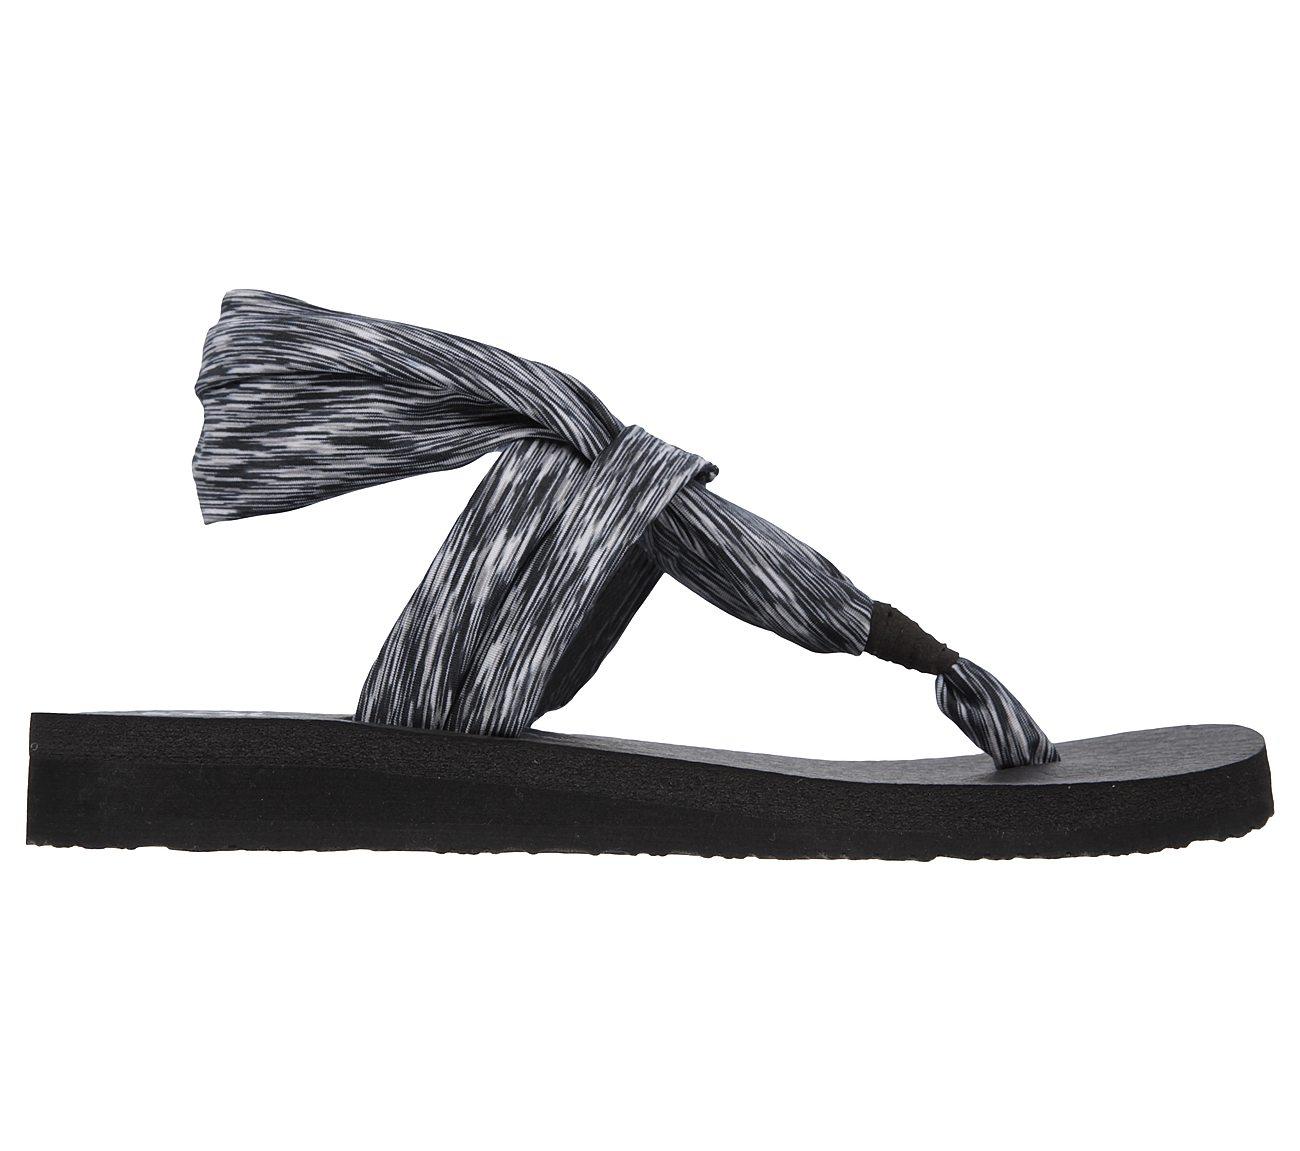 skechers yoga foam flip flops Sale,up